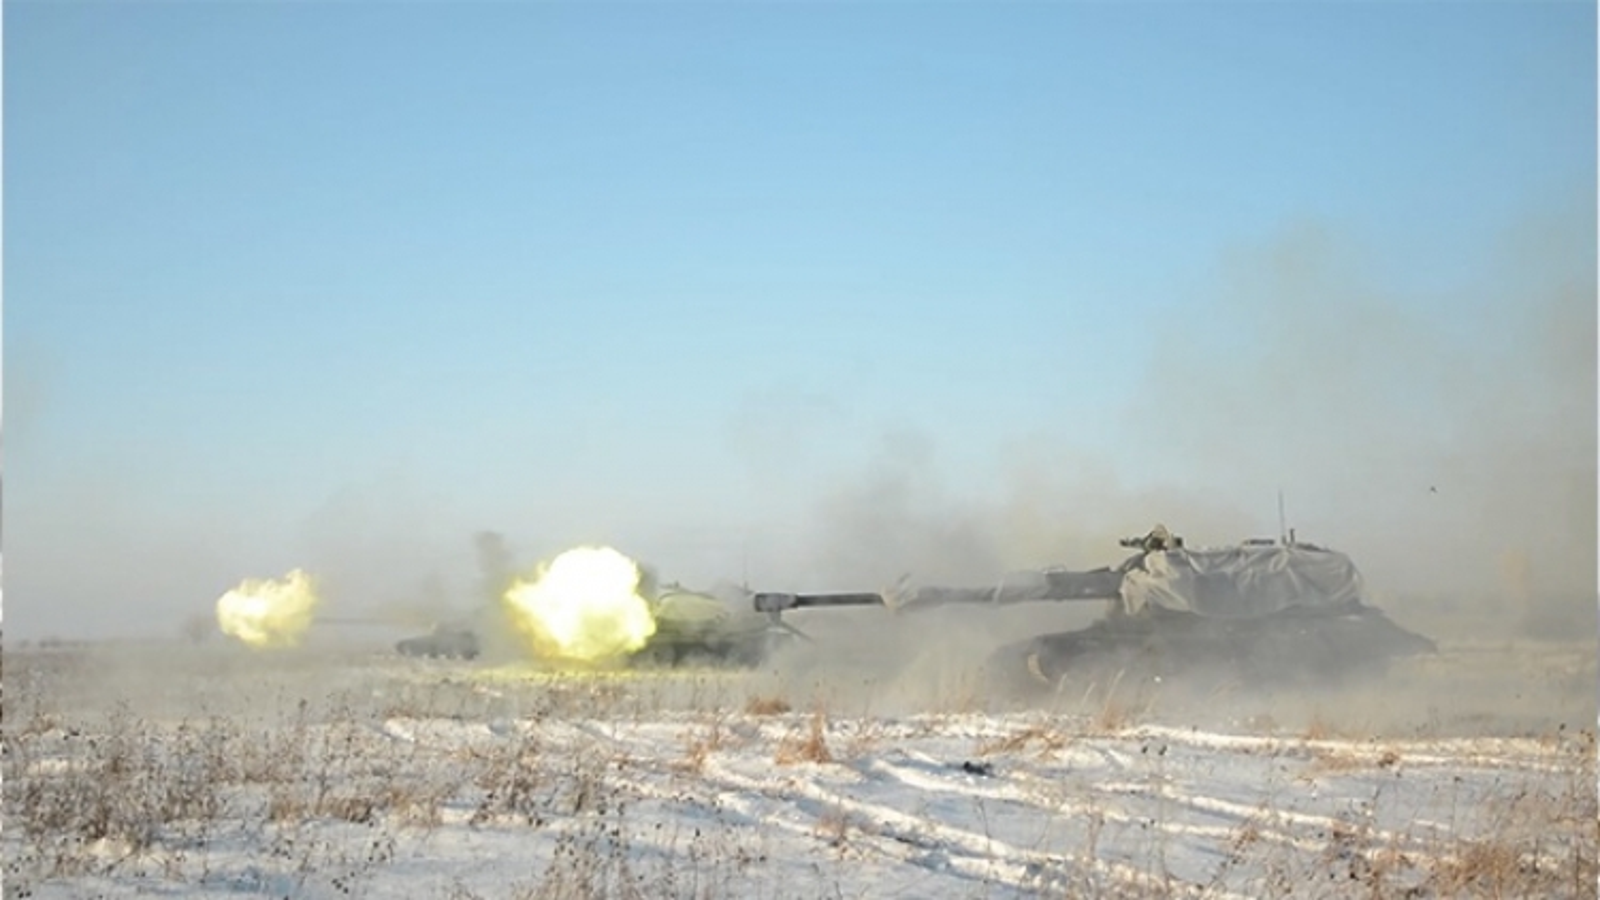 Siêu pháo tự hành Msta-S và Malka của Nga khai hỏa sấm sét trong tập trận ở Kemerovo